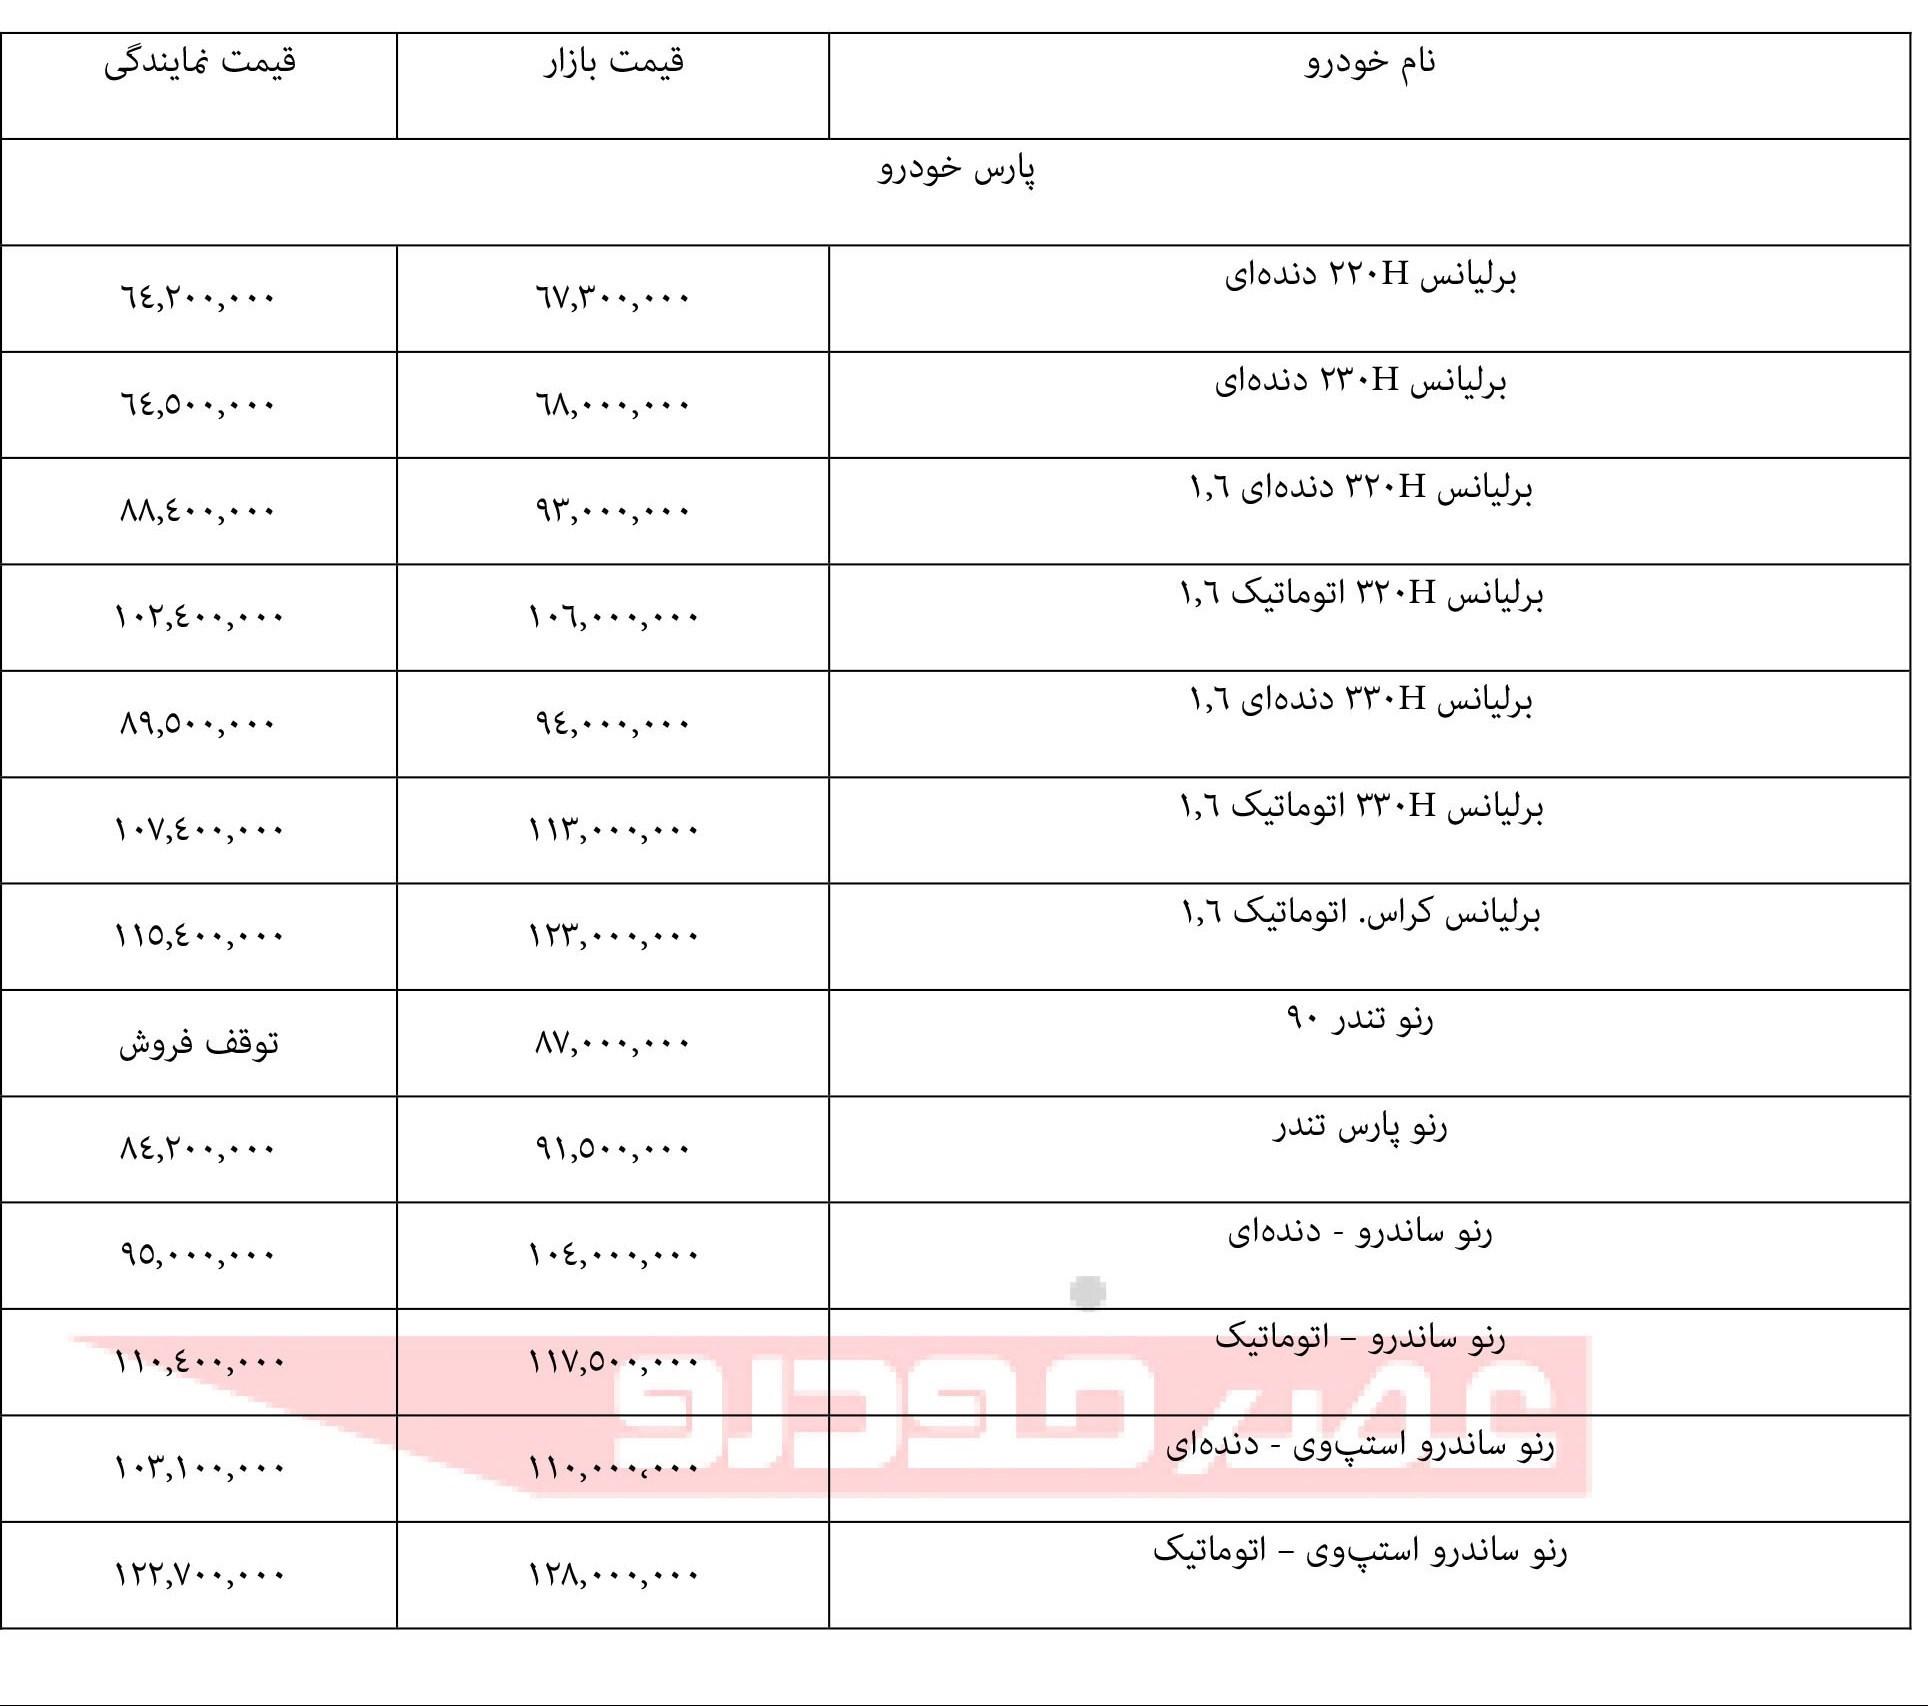 قیمت انواع محصولات پارس خودرو ۸ بهمن ۹۷ - 2